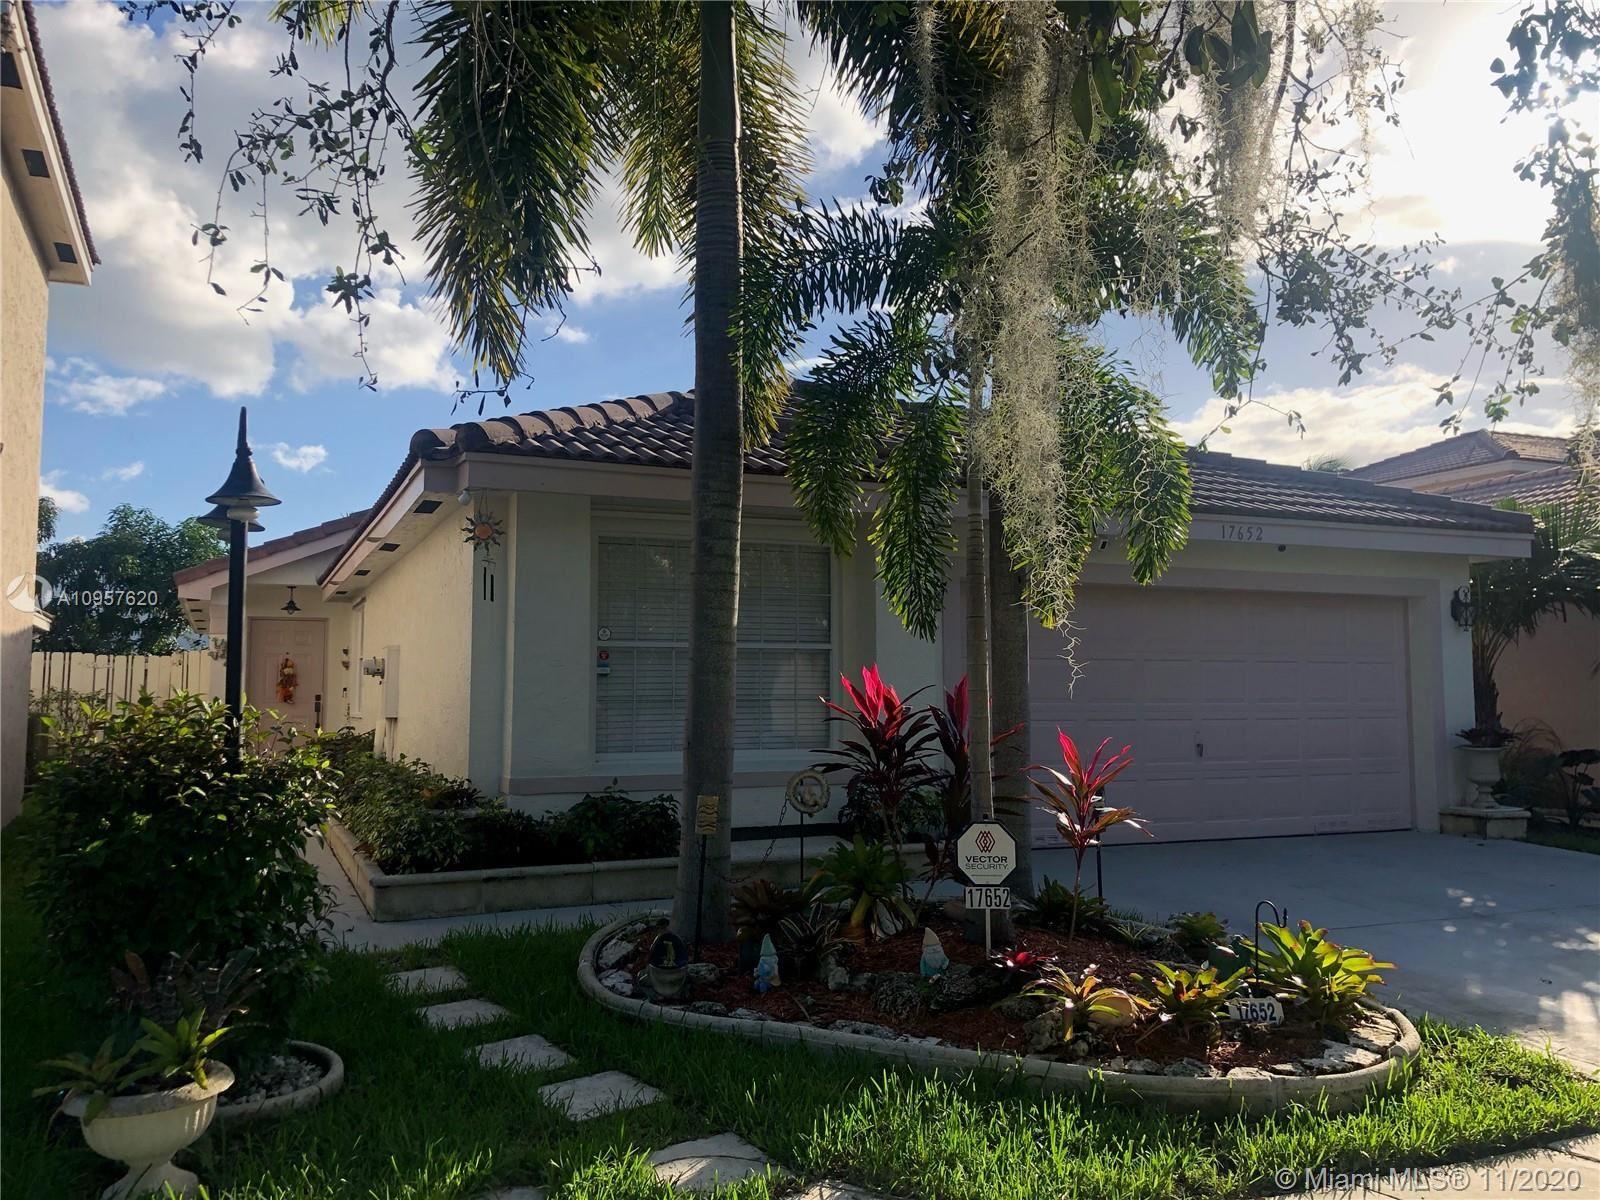 Photo of 17652 SW 18th St, Miramar, FL 33029 (MLS # A10957620)